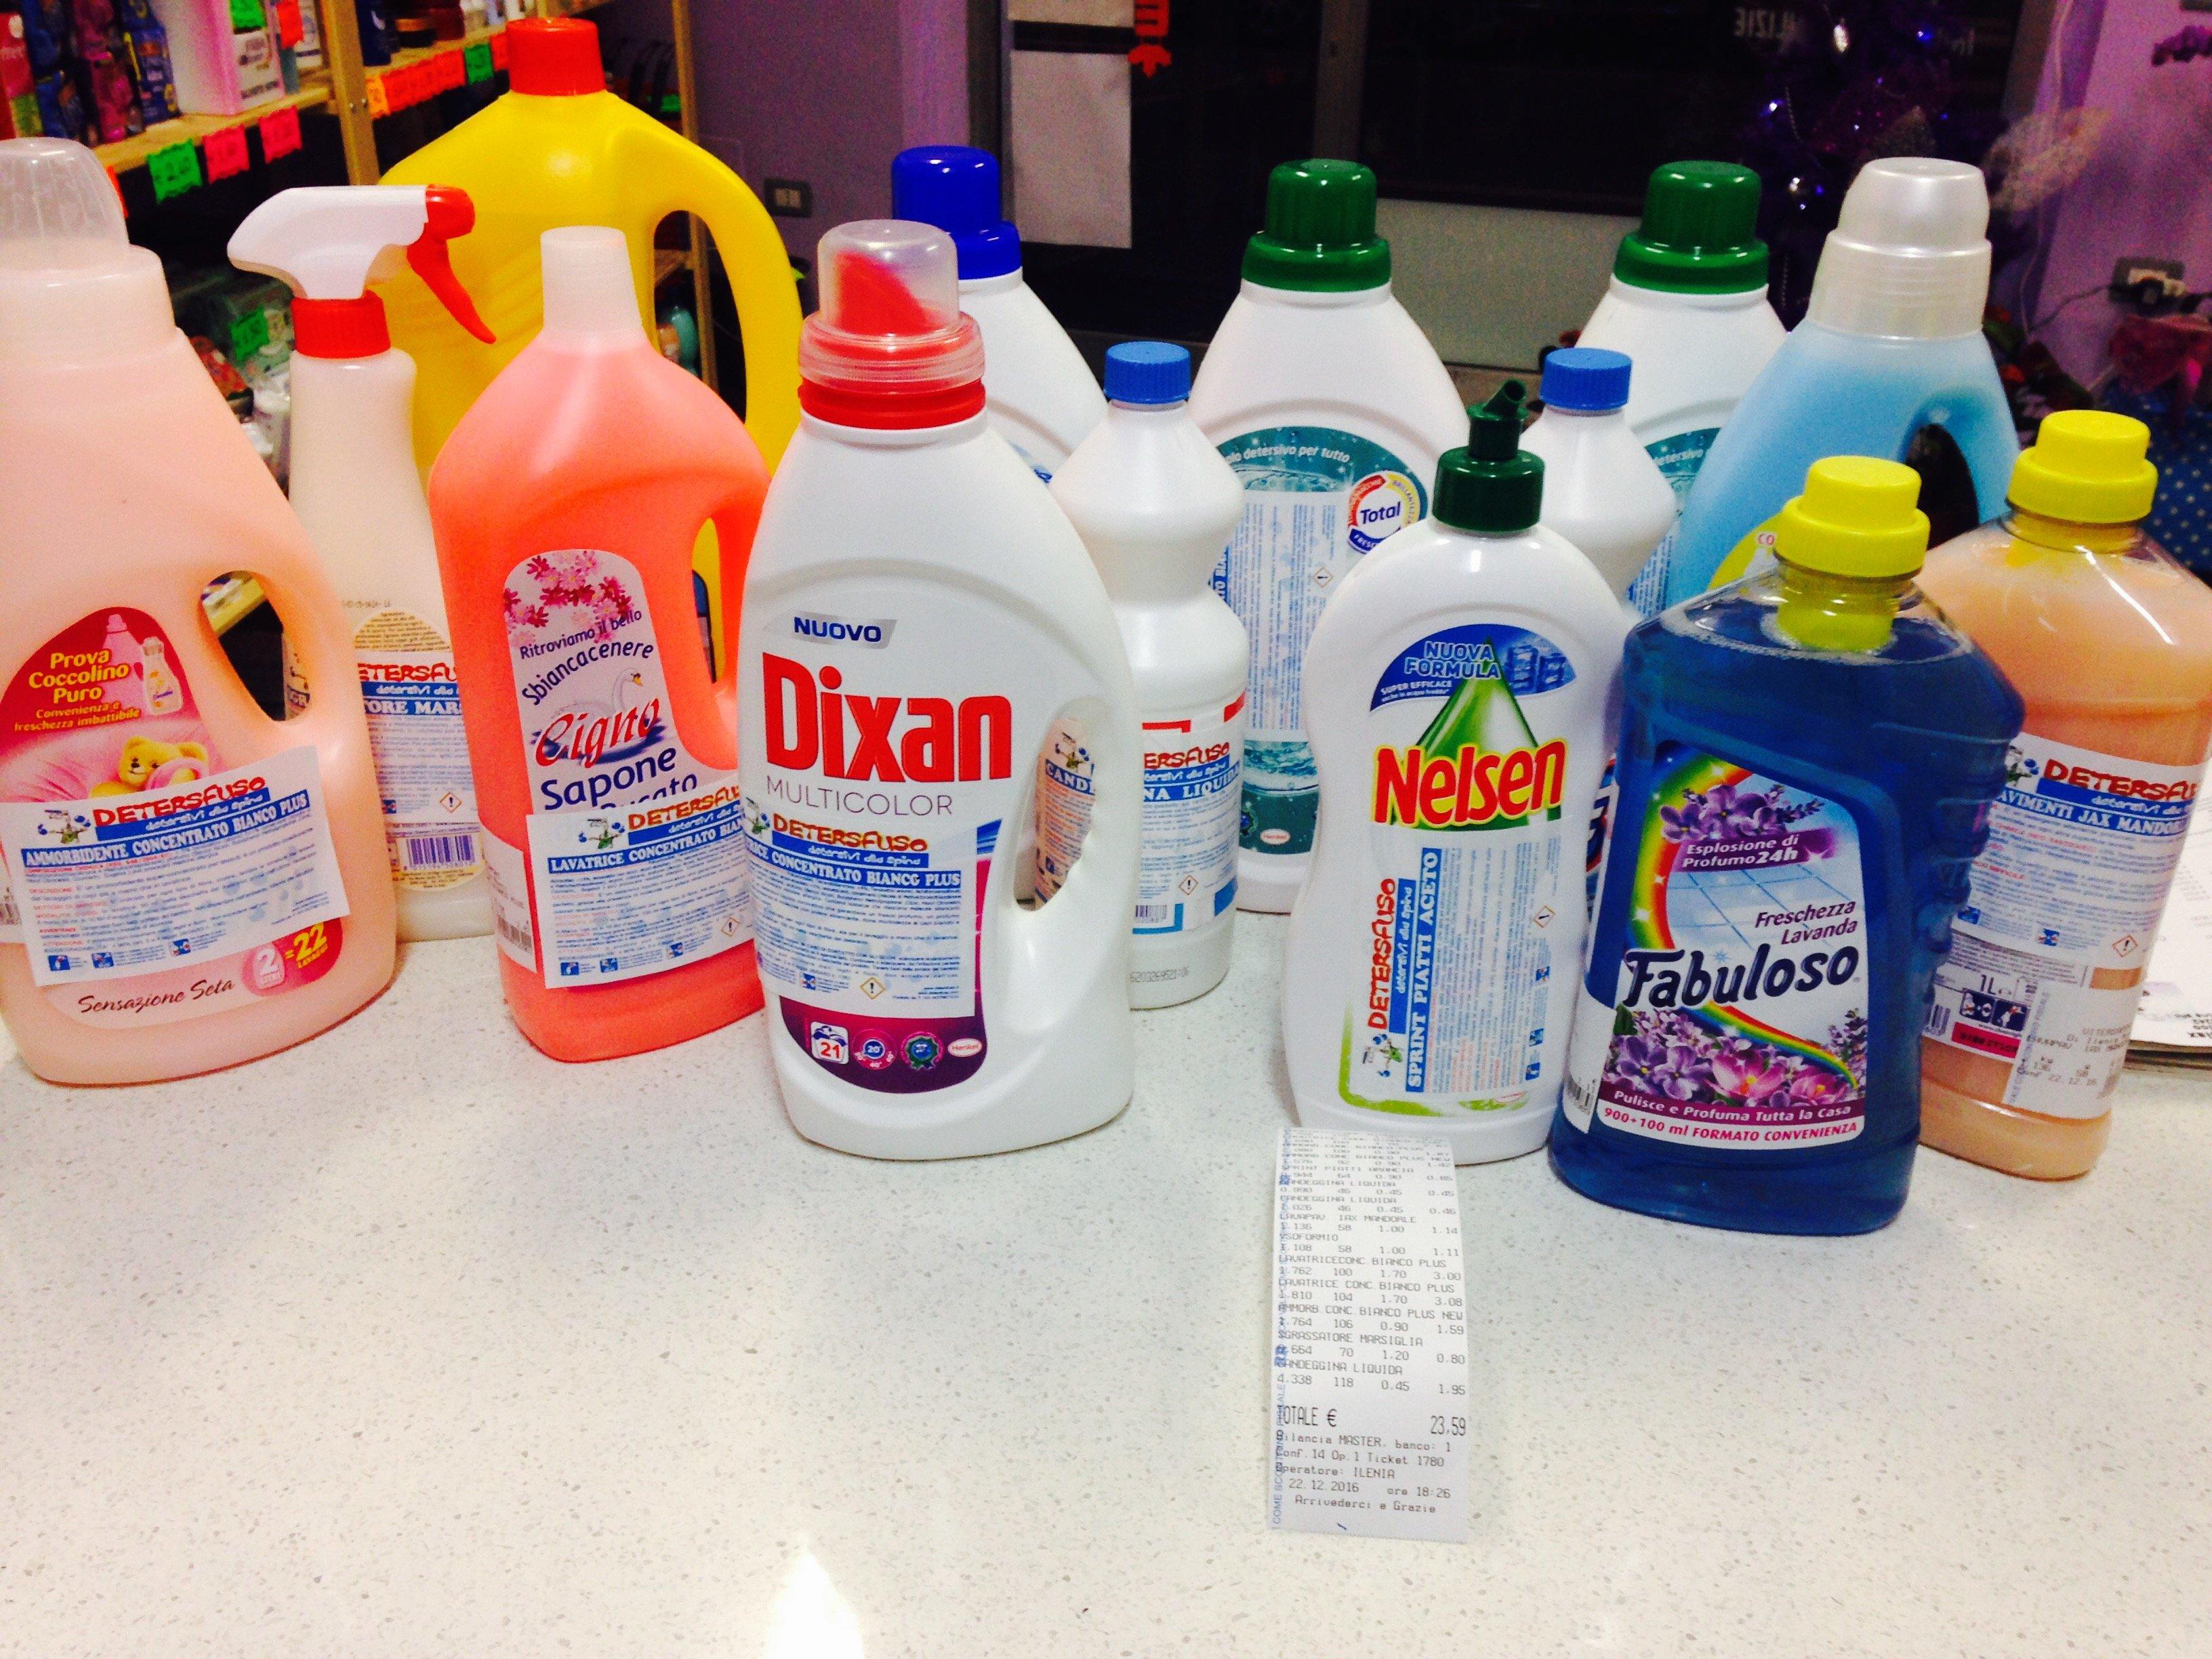 prodotti per la pulizia di diversi marchi